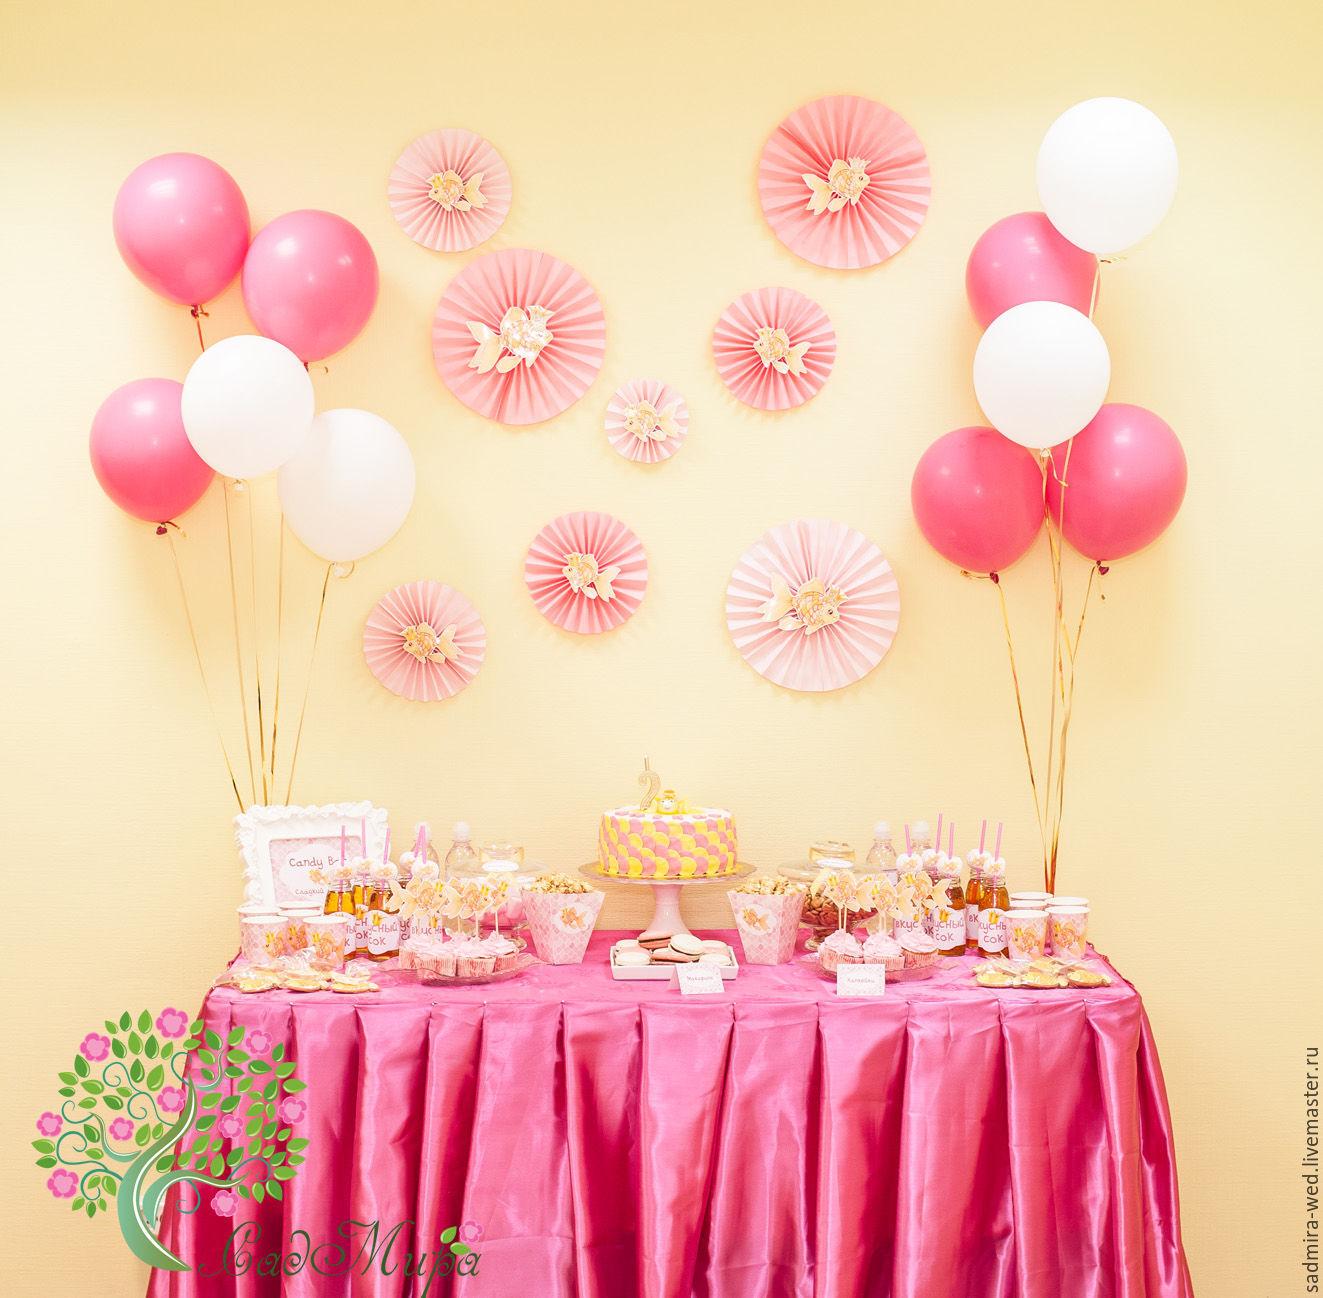 ручной работы. Ярмарка Мастеров - ручная работа. Купить Сладкий стол (Кэнди бар) Золотая рыбка. Handmade. Розовый